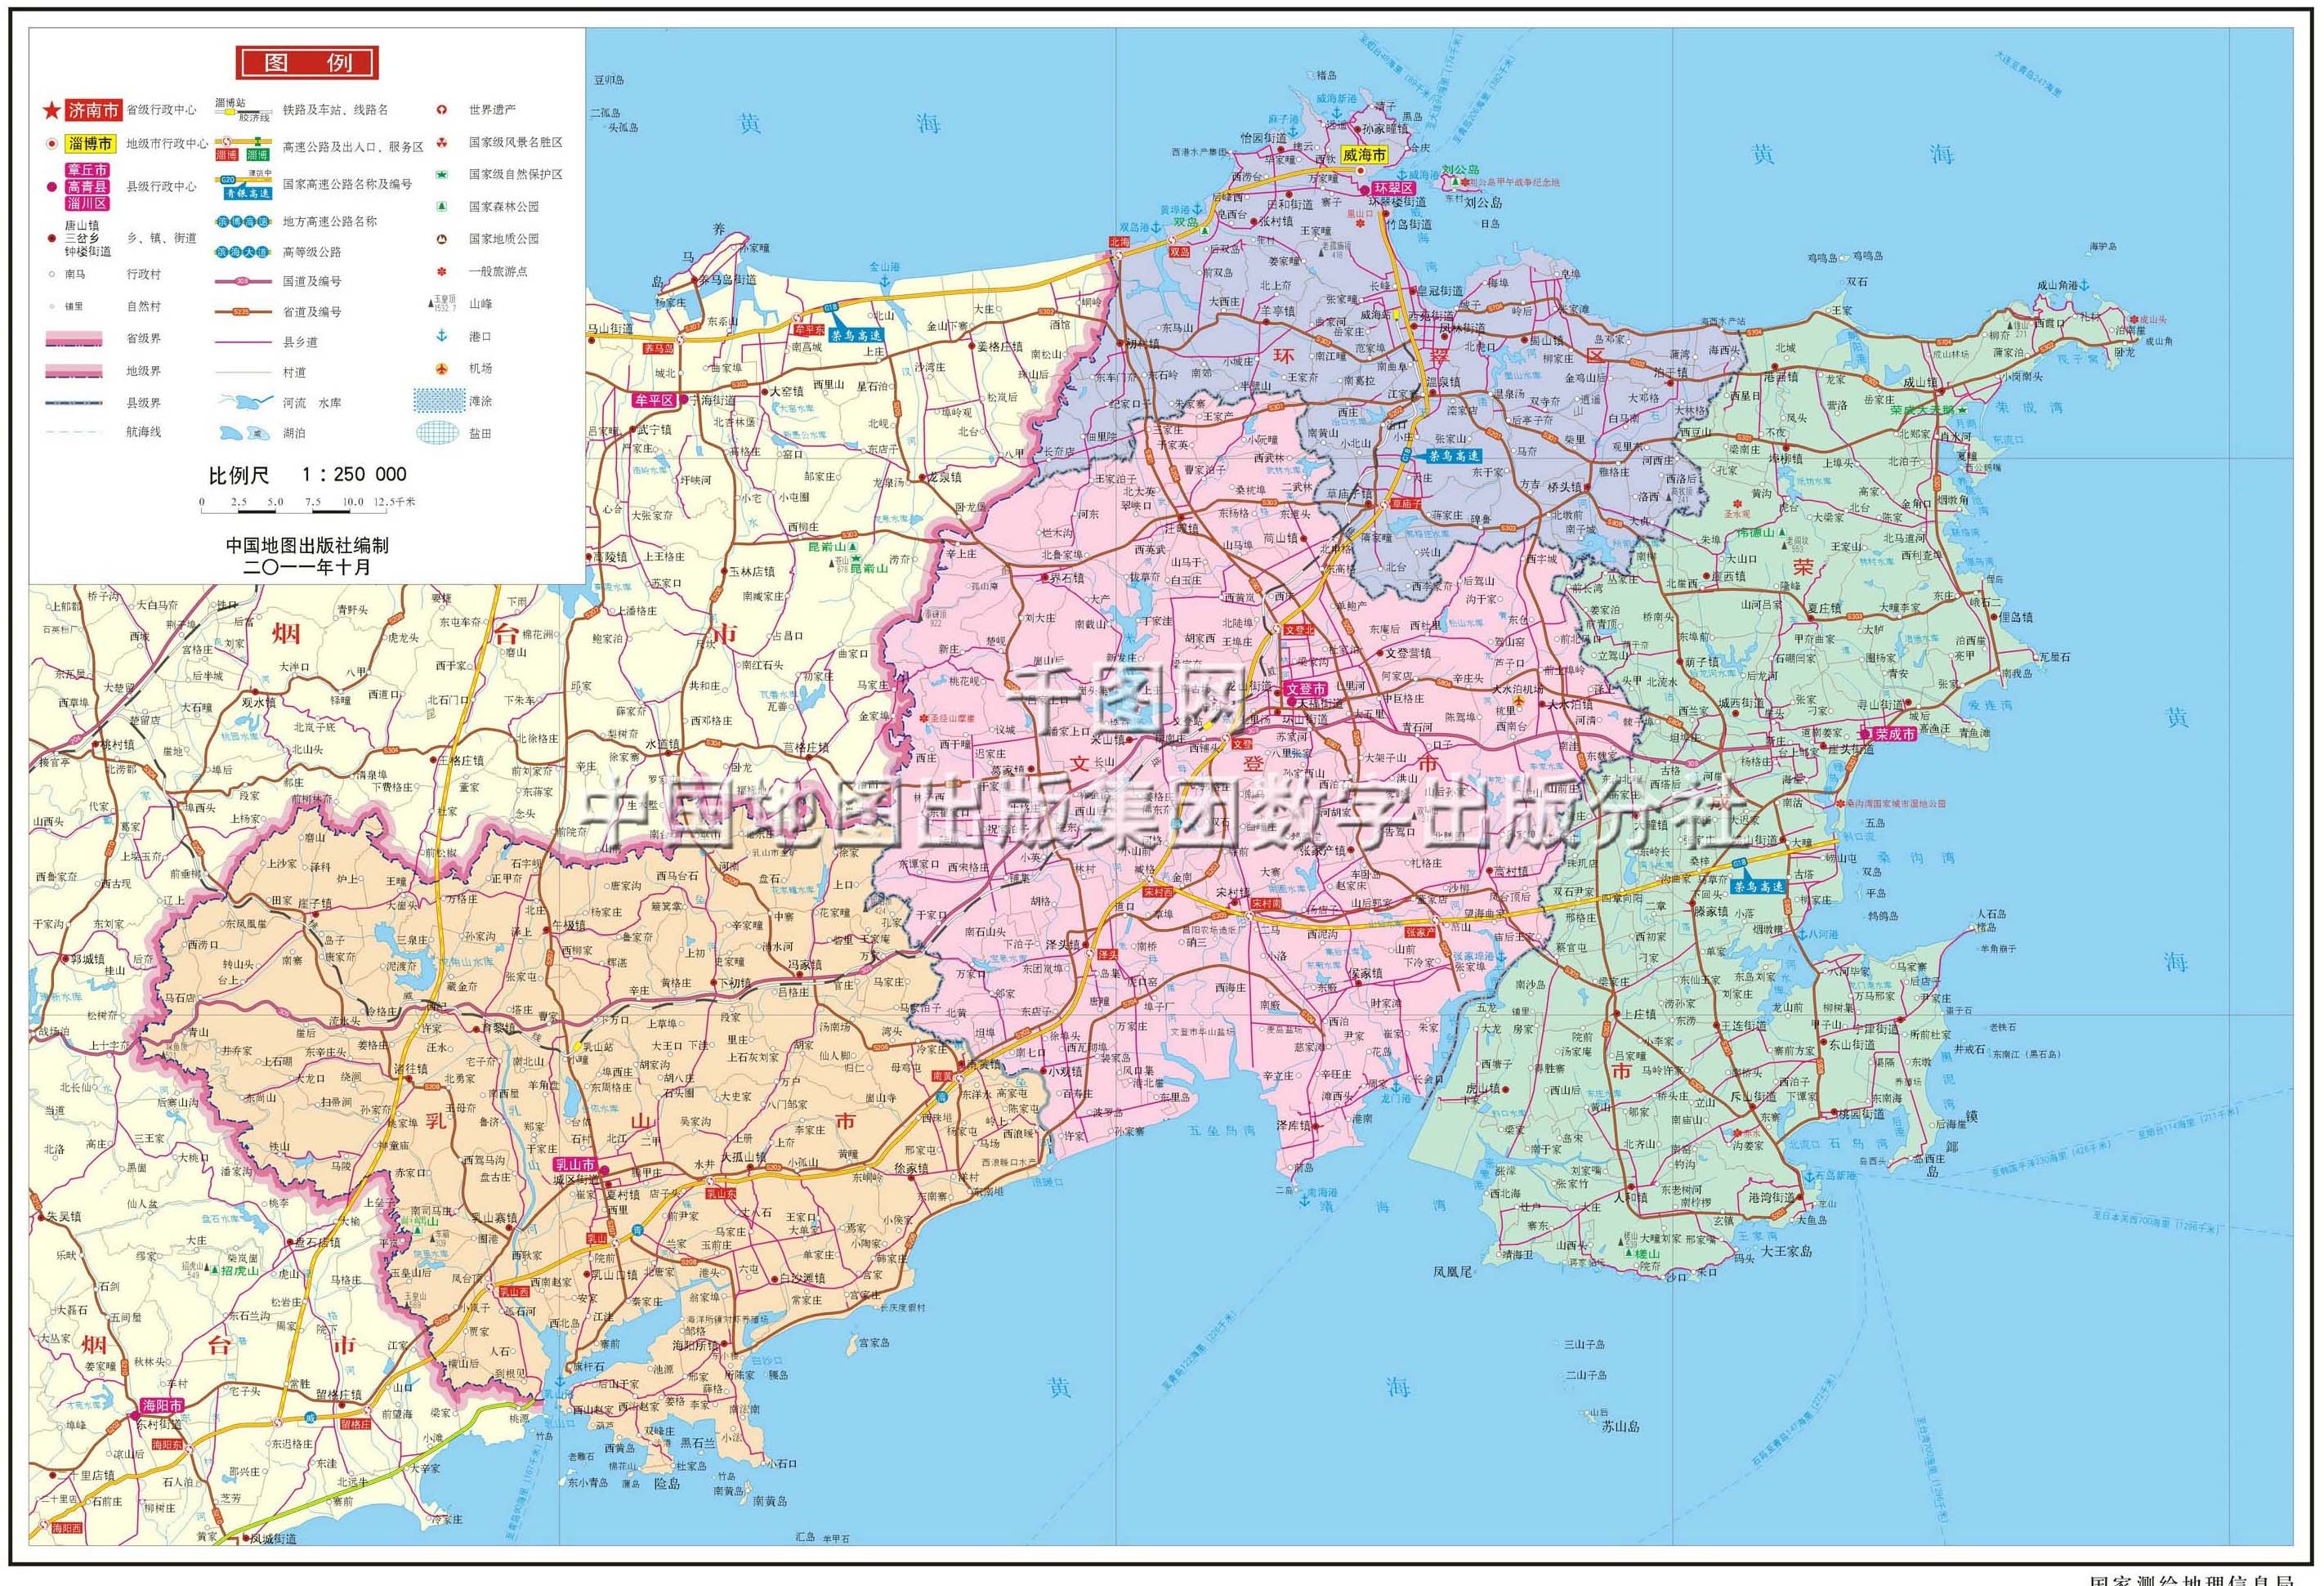 威海市地图高清版-威海地图 威海市地图 威海卫星地图